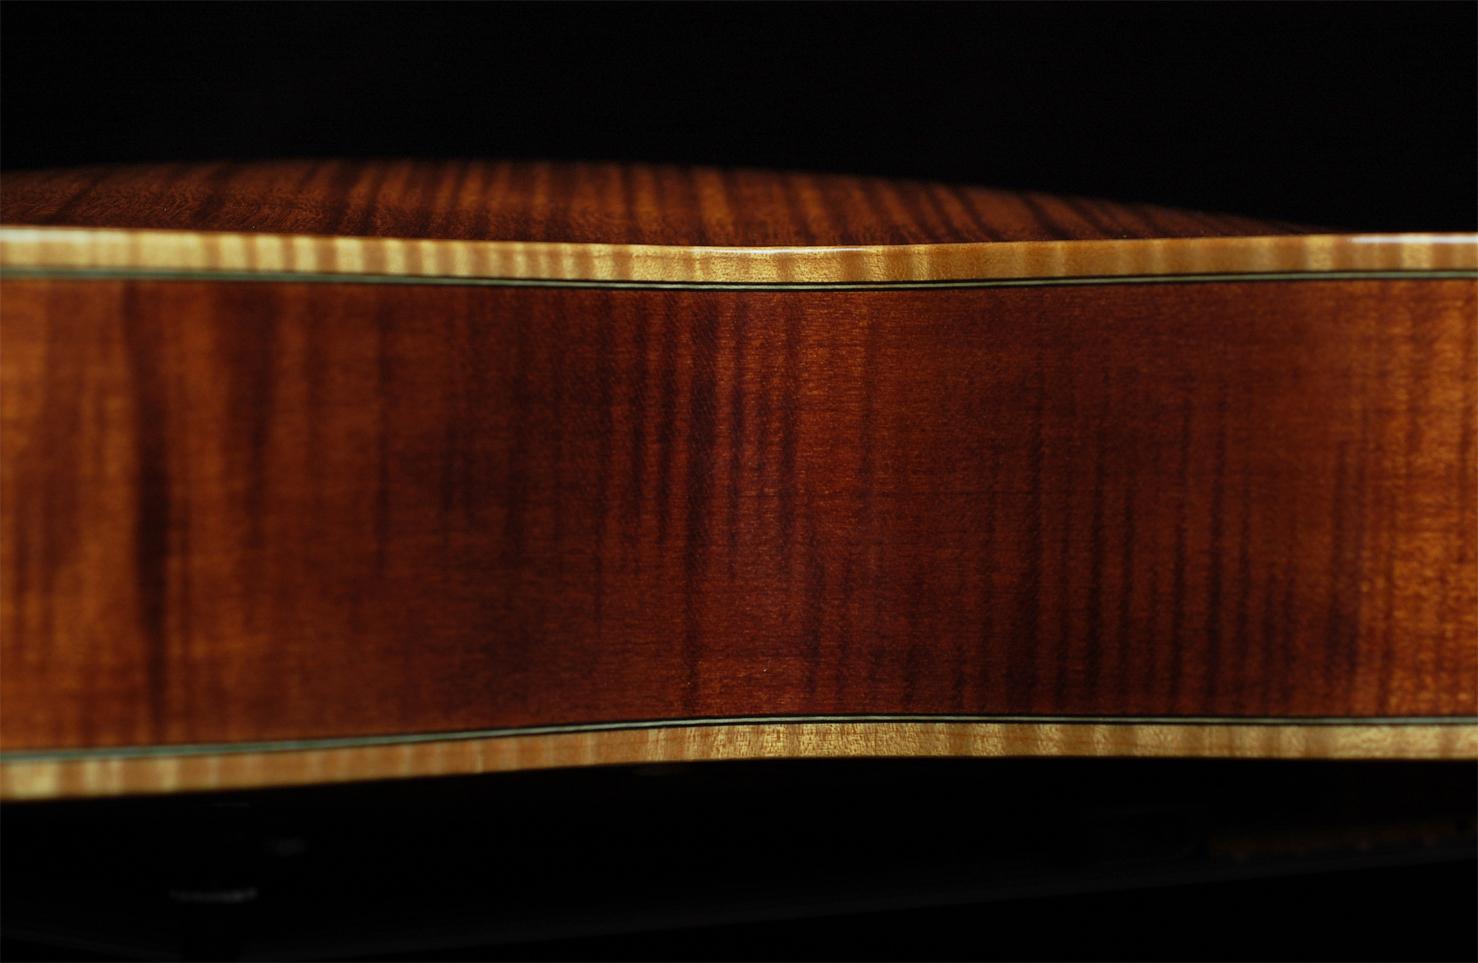 Maple bindings and inner waste